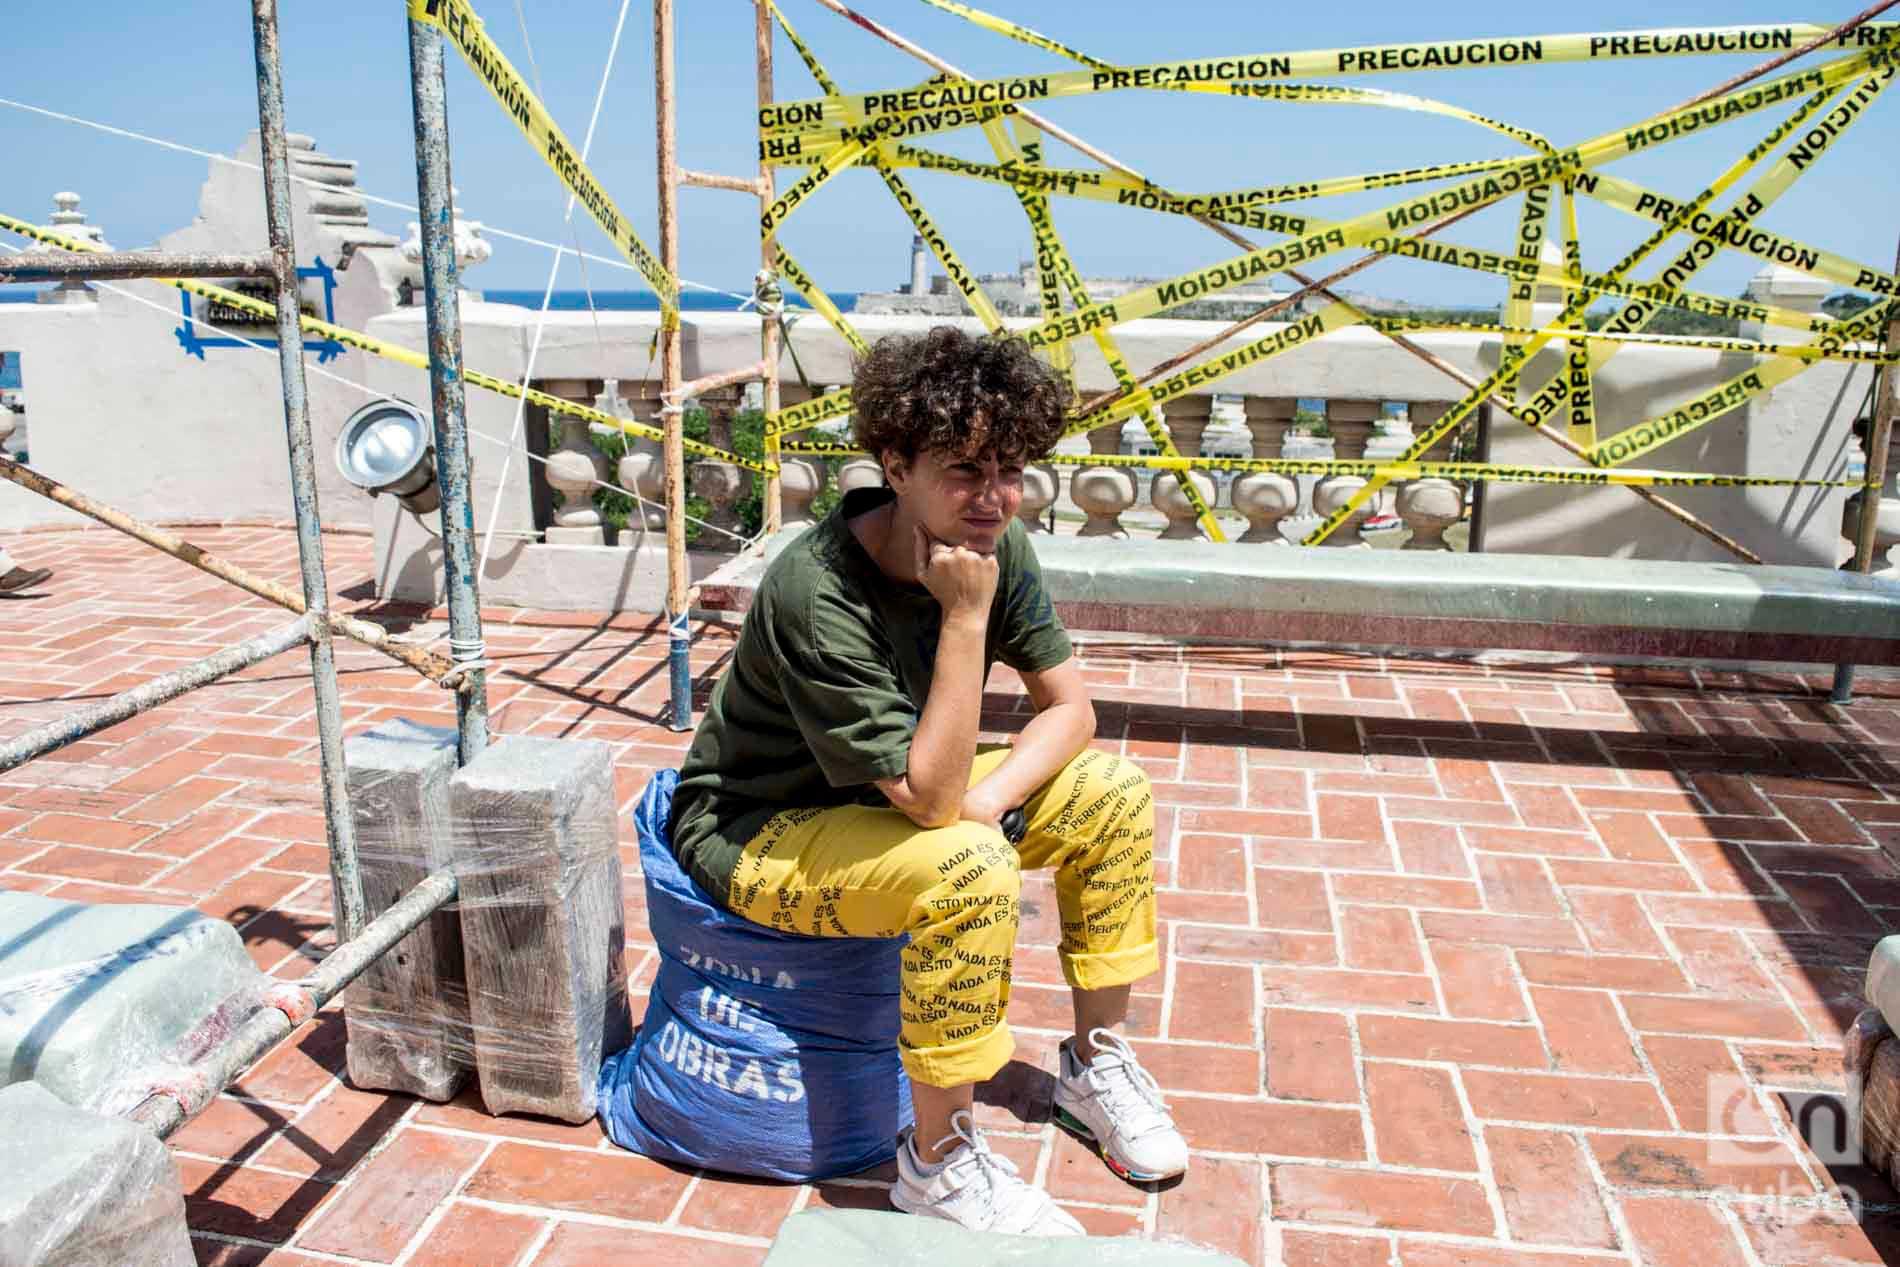 """La diseñadora cubana Idania del Río junto a la instalación artística """"País en construcción"""", del emprendimiento de diseño Clandestina, en la Embajada de España como parte de la XIII Bienal de La Habana. Foto: Otmaro Rodríguez."""